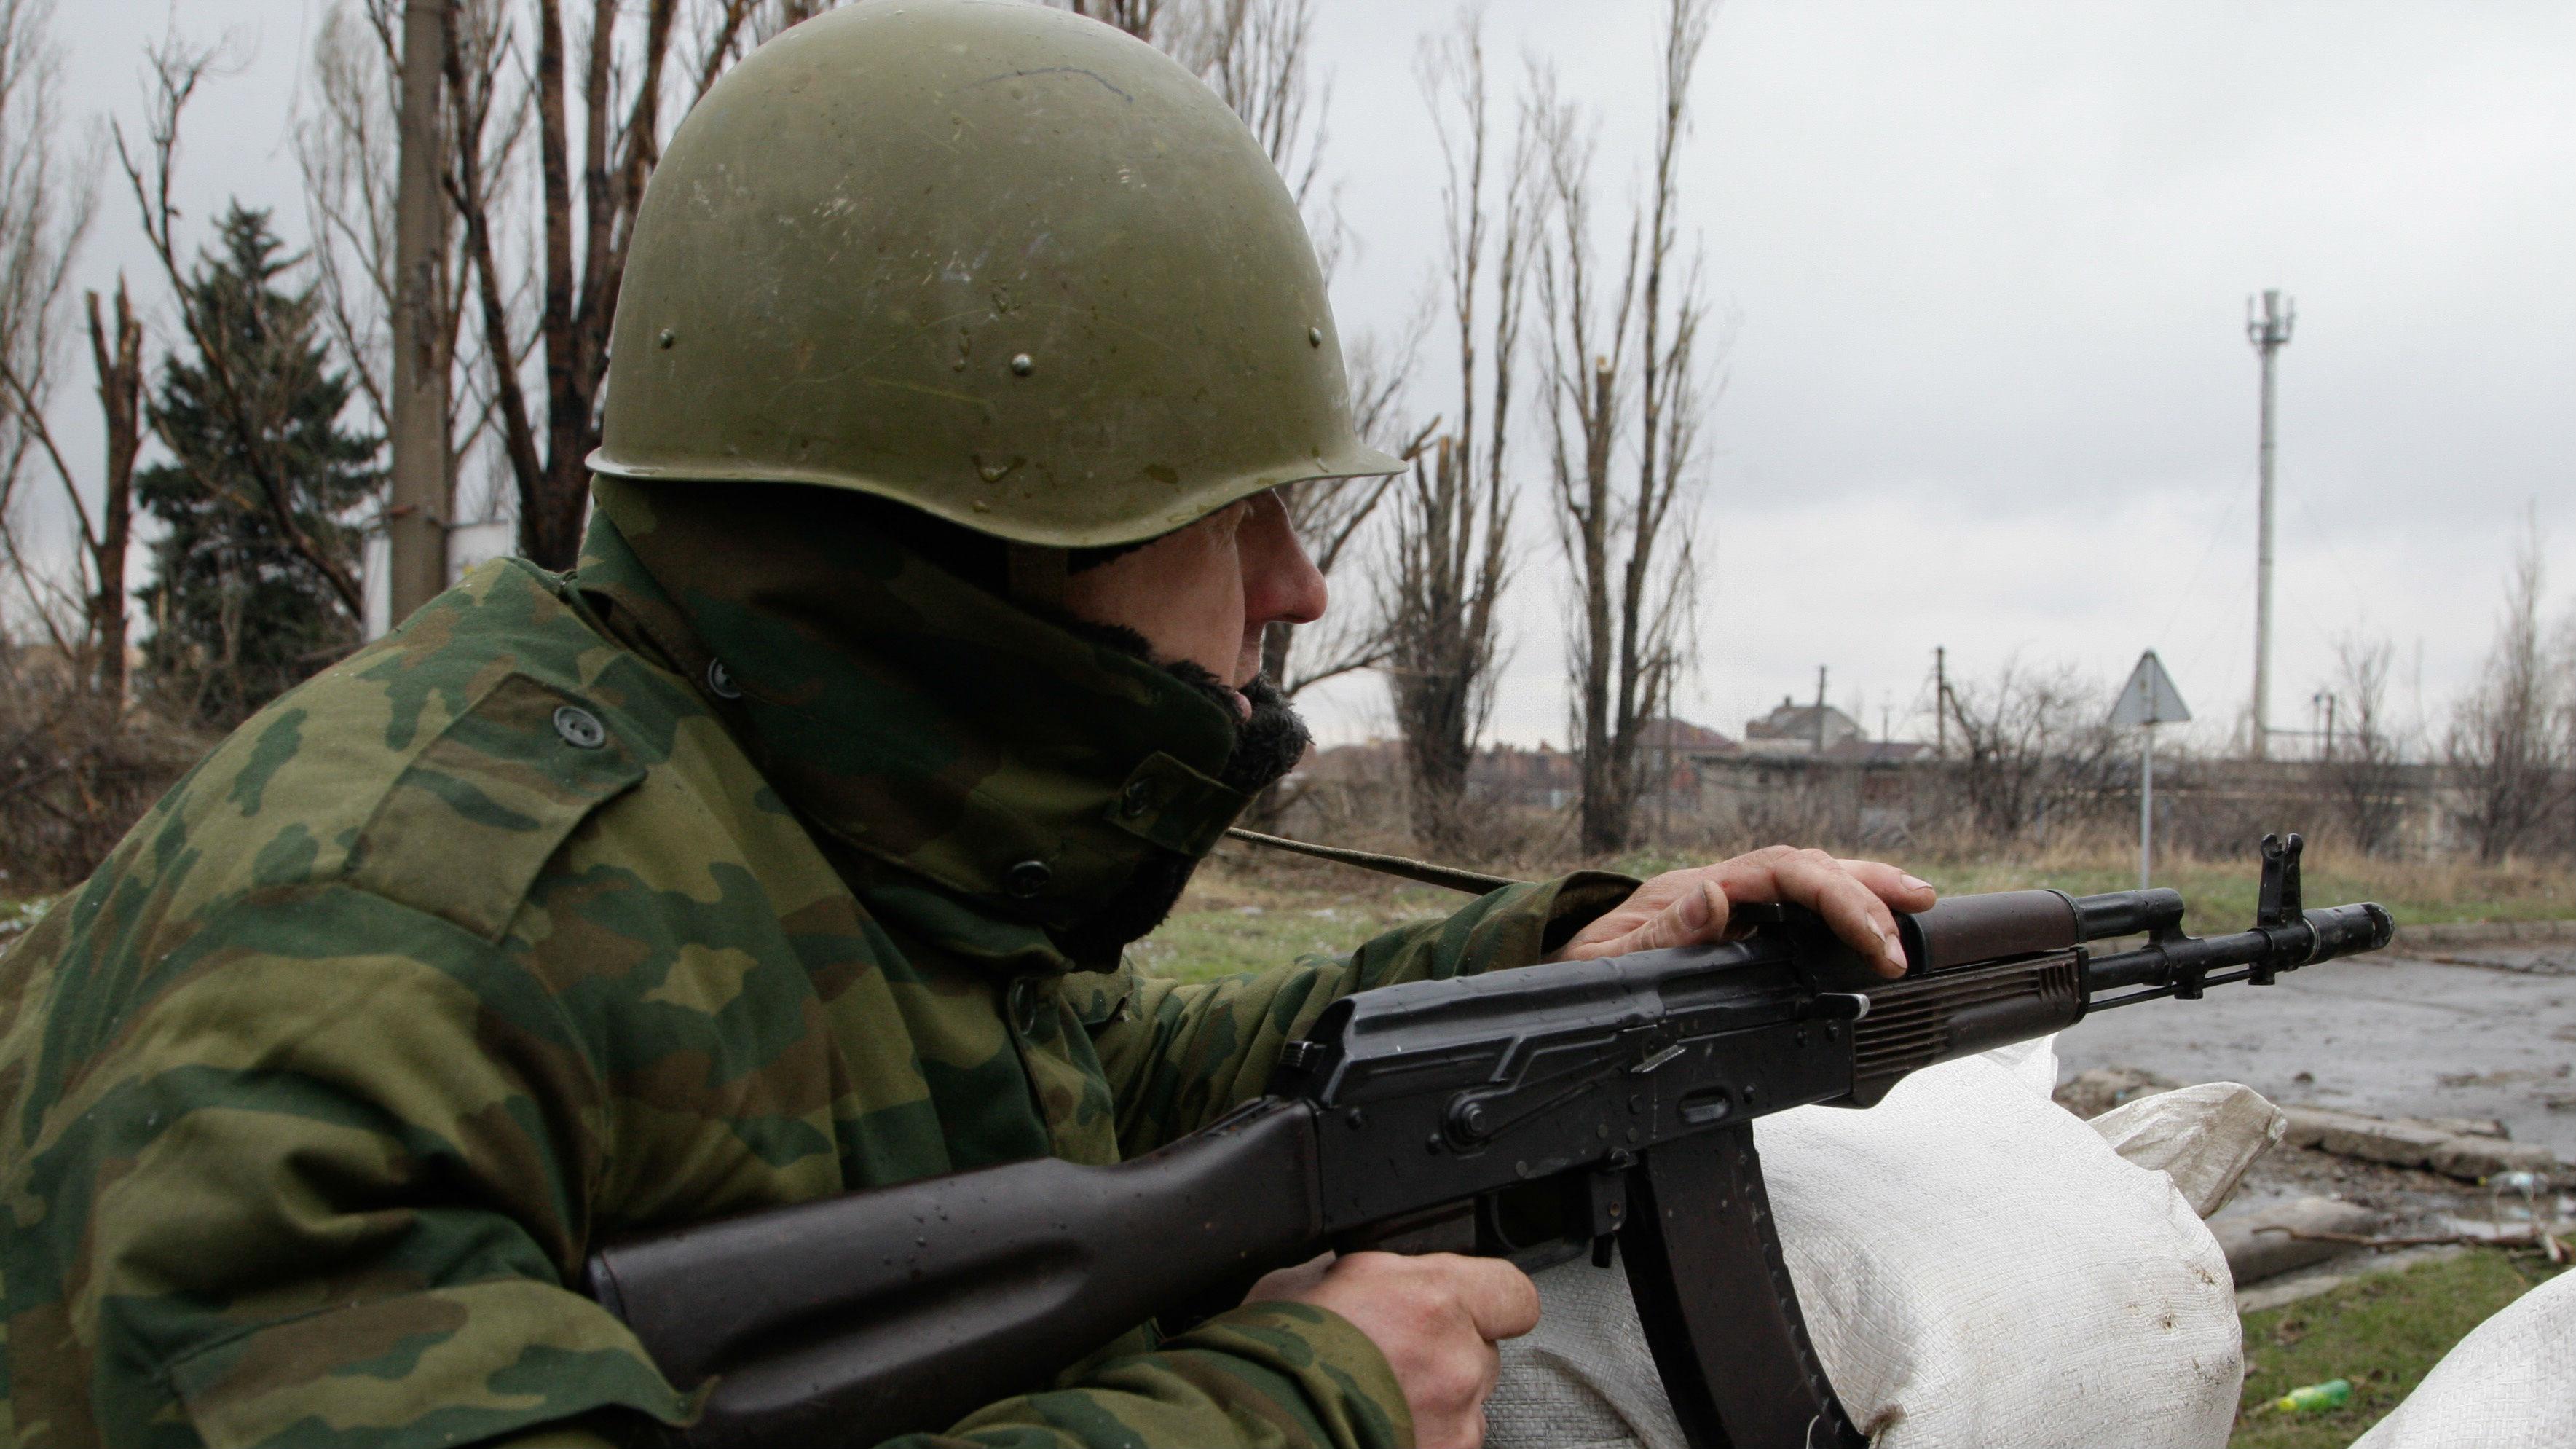 俄专家:乌克兰战力停留在苏联水平 俄能在两国冲突中速胜